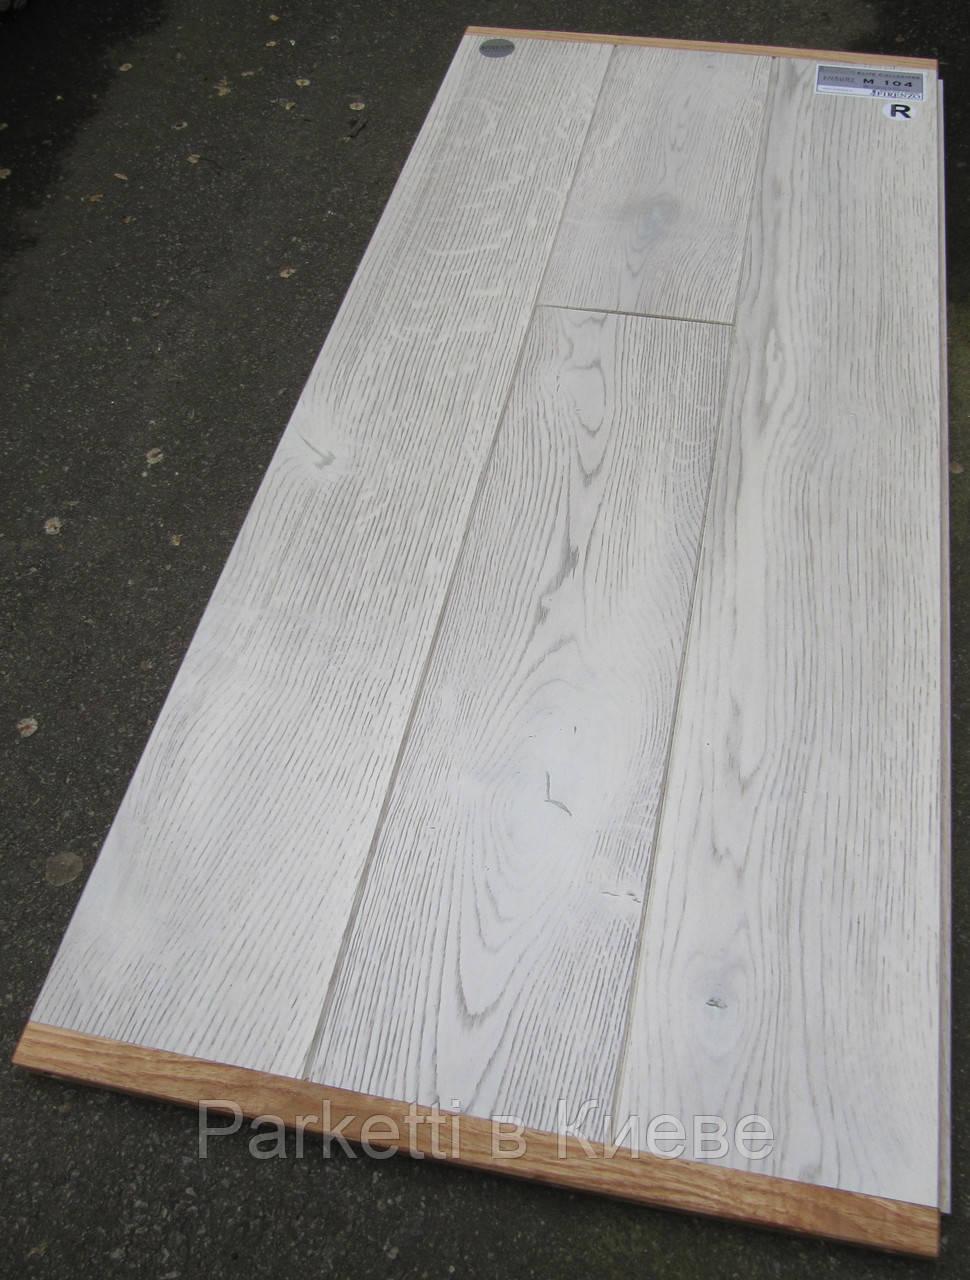 Firenzo M 104 European oak plank-oil массивная доска Рустик, 120, 14